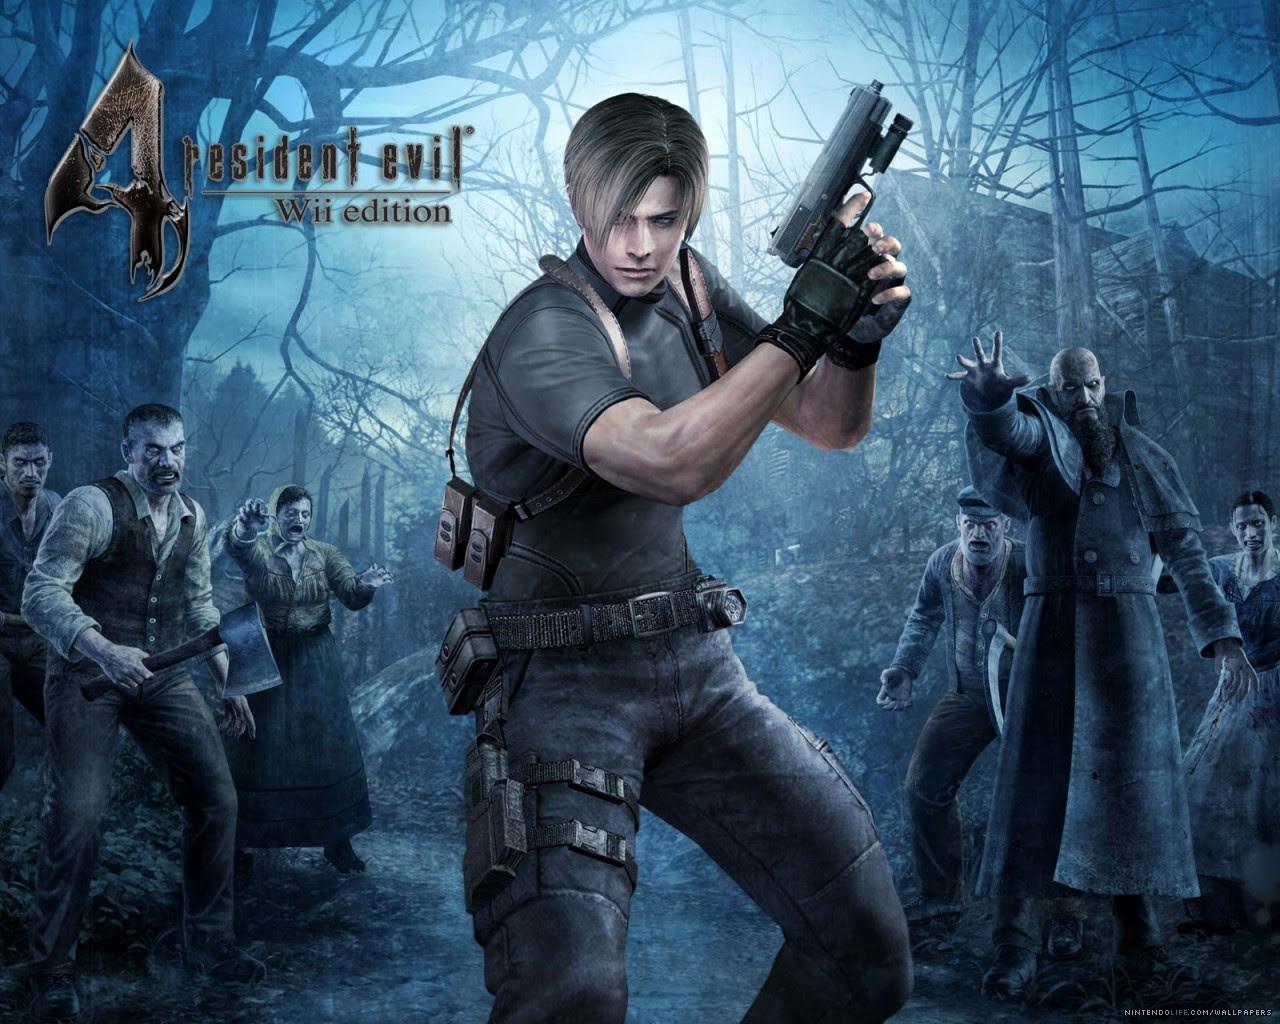 Resident Evil 4 バイオハザード 壁紙 894834 ファンポップ